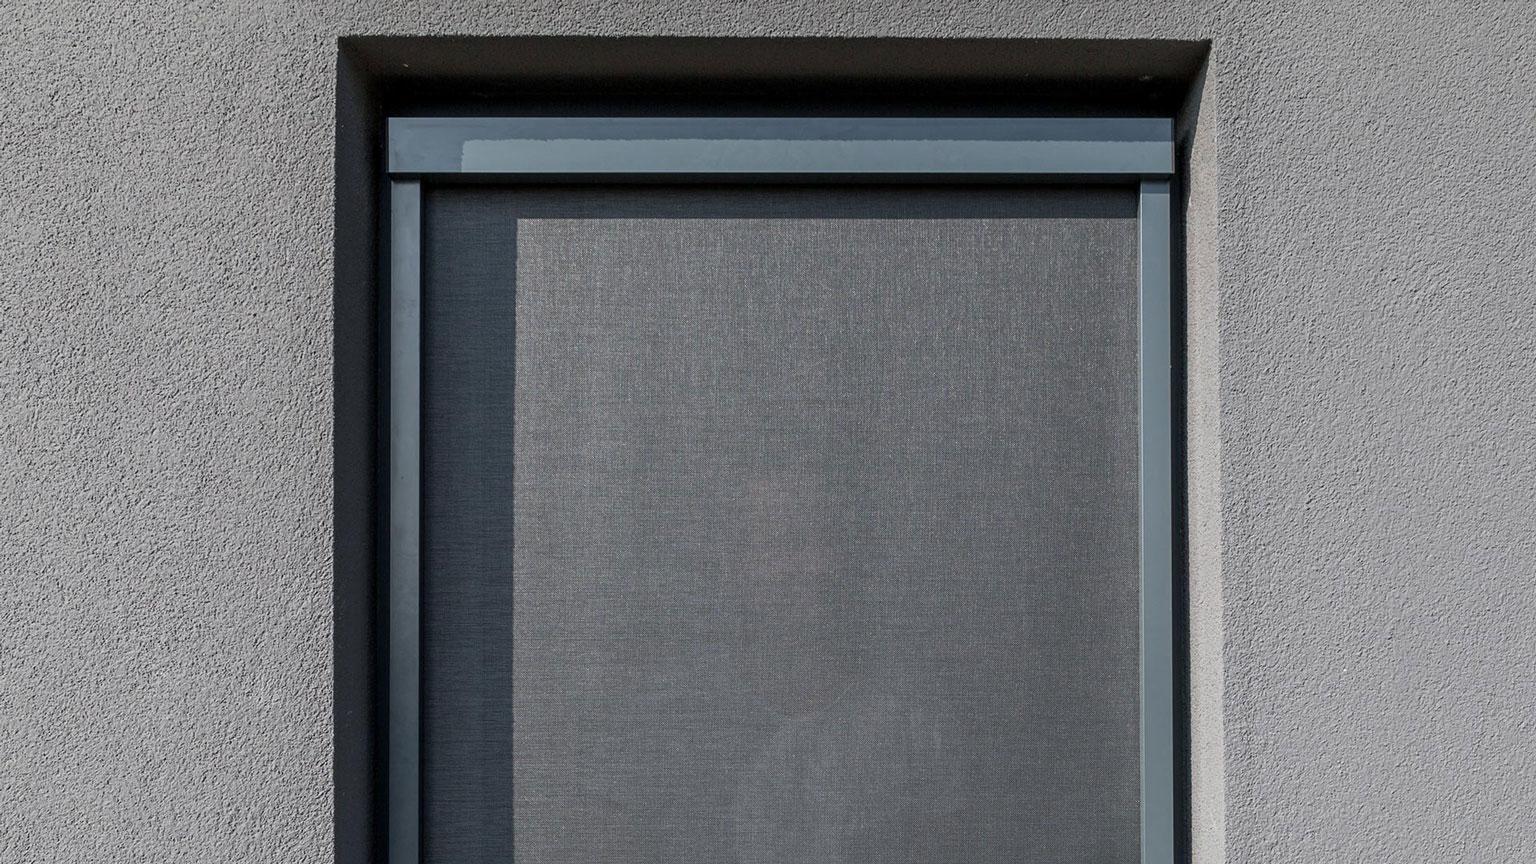 Full Size of Fenster Rollos Innen Das Auenrollo Einzige Zum Klemmen Günstig Kaufen 3 Fach Verglasung Einbruchschutz Nachrüsten Dänische Plissee Türen Drutex Weru Fenster Fenster Rollos Innen